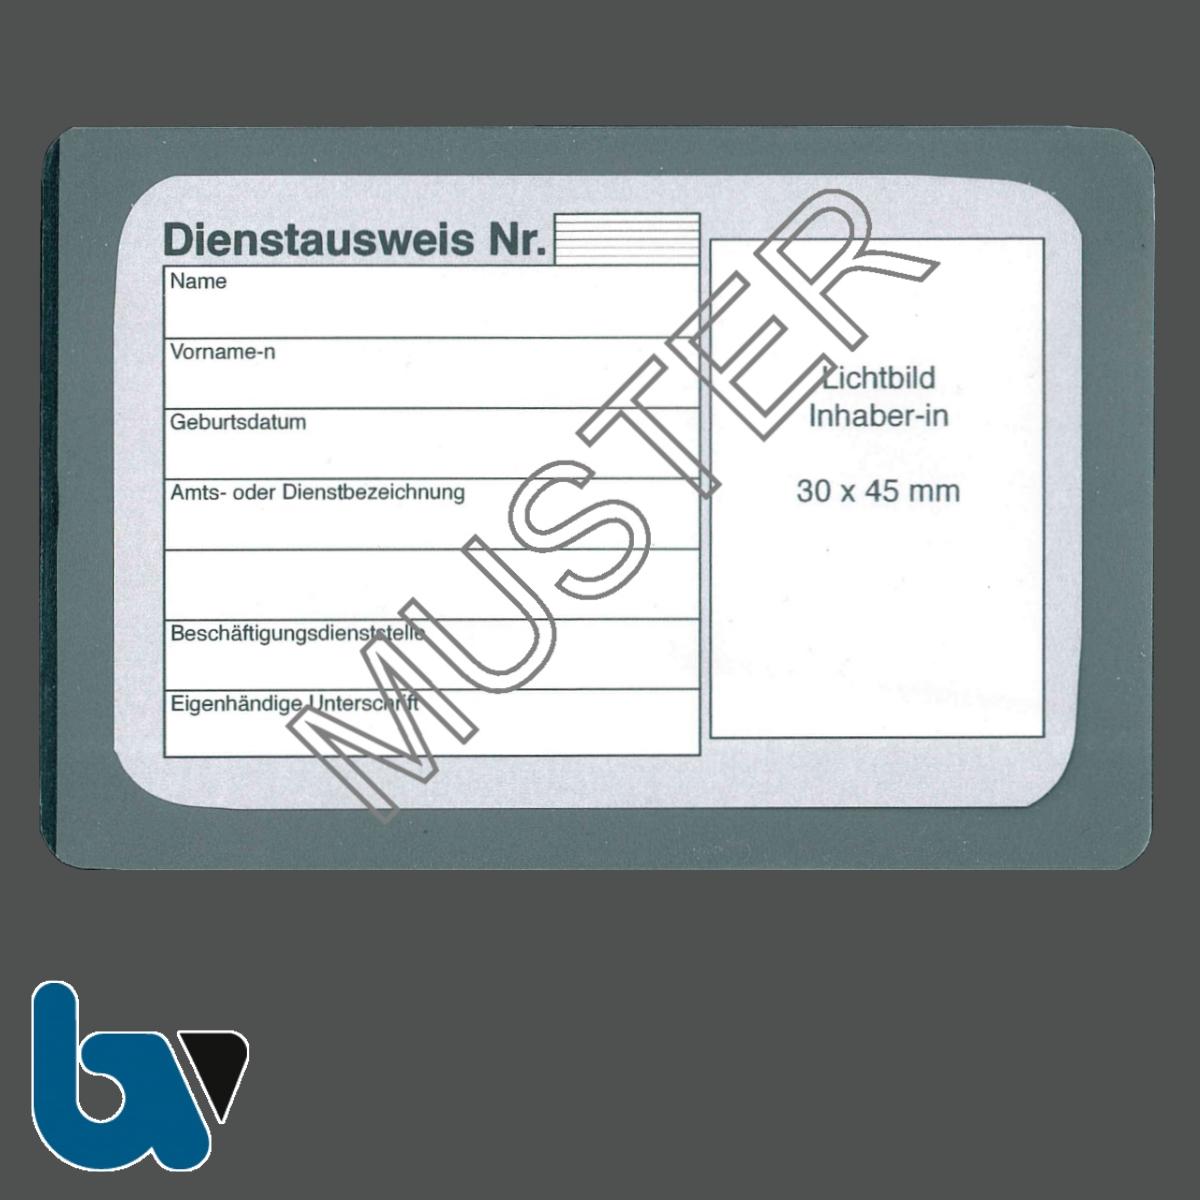 0/481-1.1 Laminierfolie Dienstausweis Scheckkartenformat mit Dienstausweis 0/481-1 | Borgard Verlag GmbH